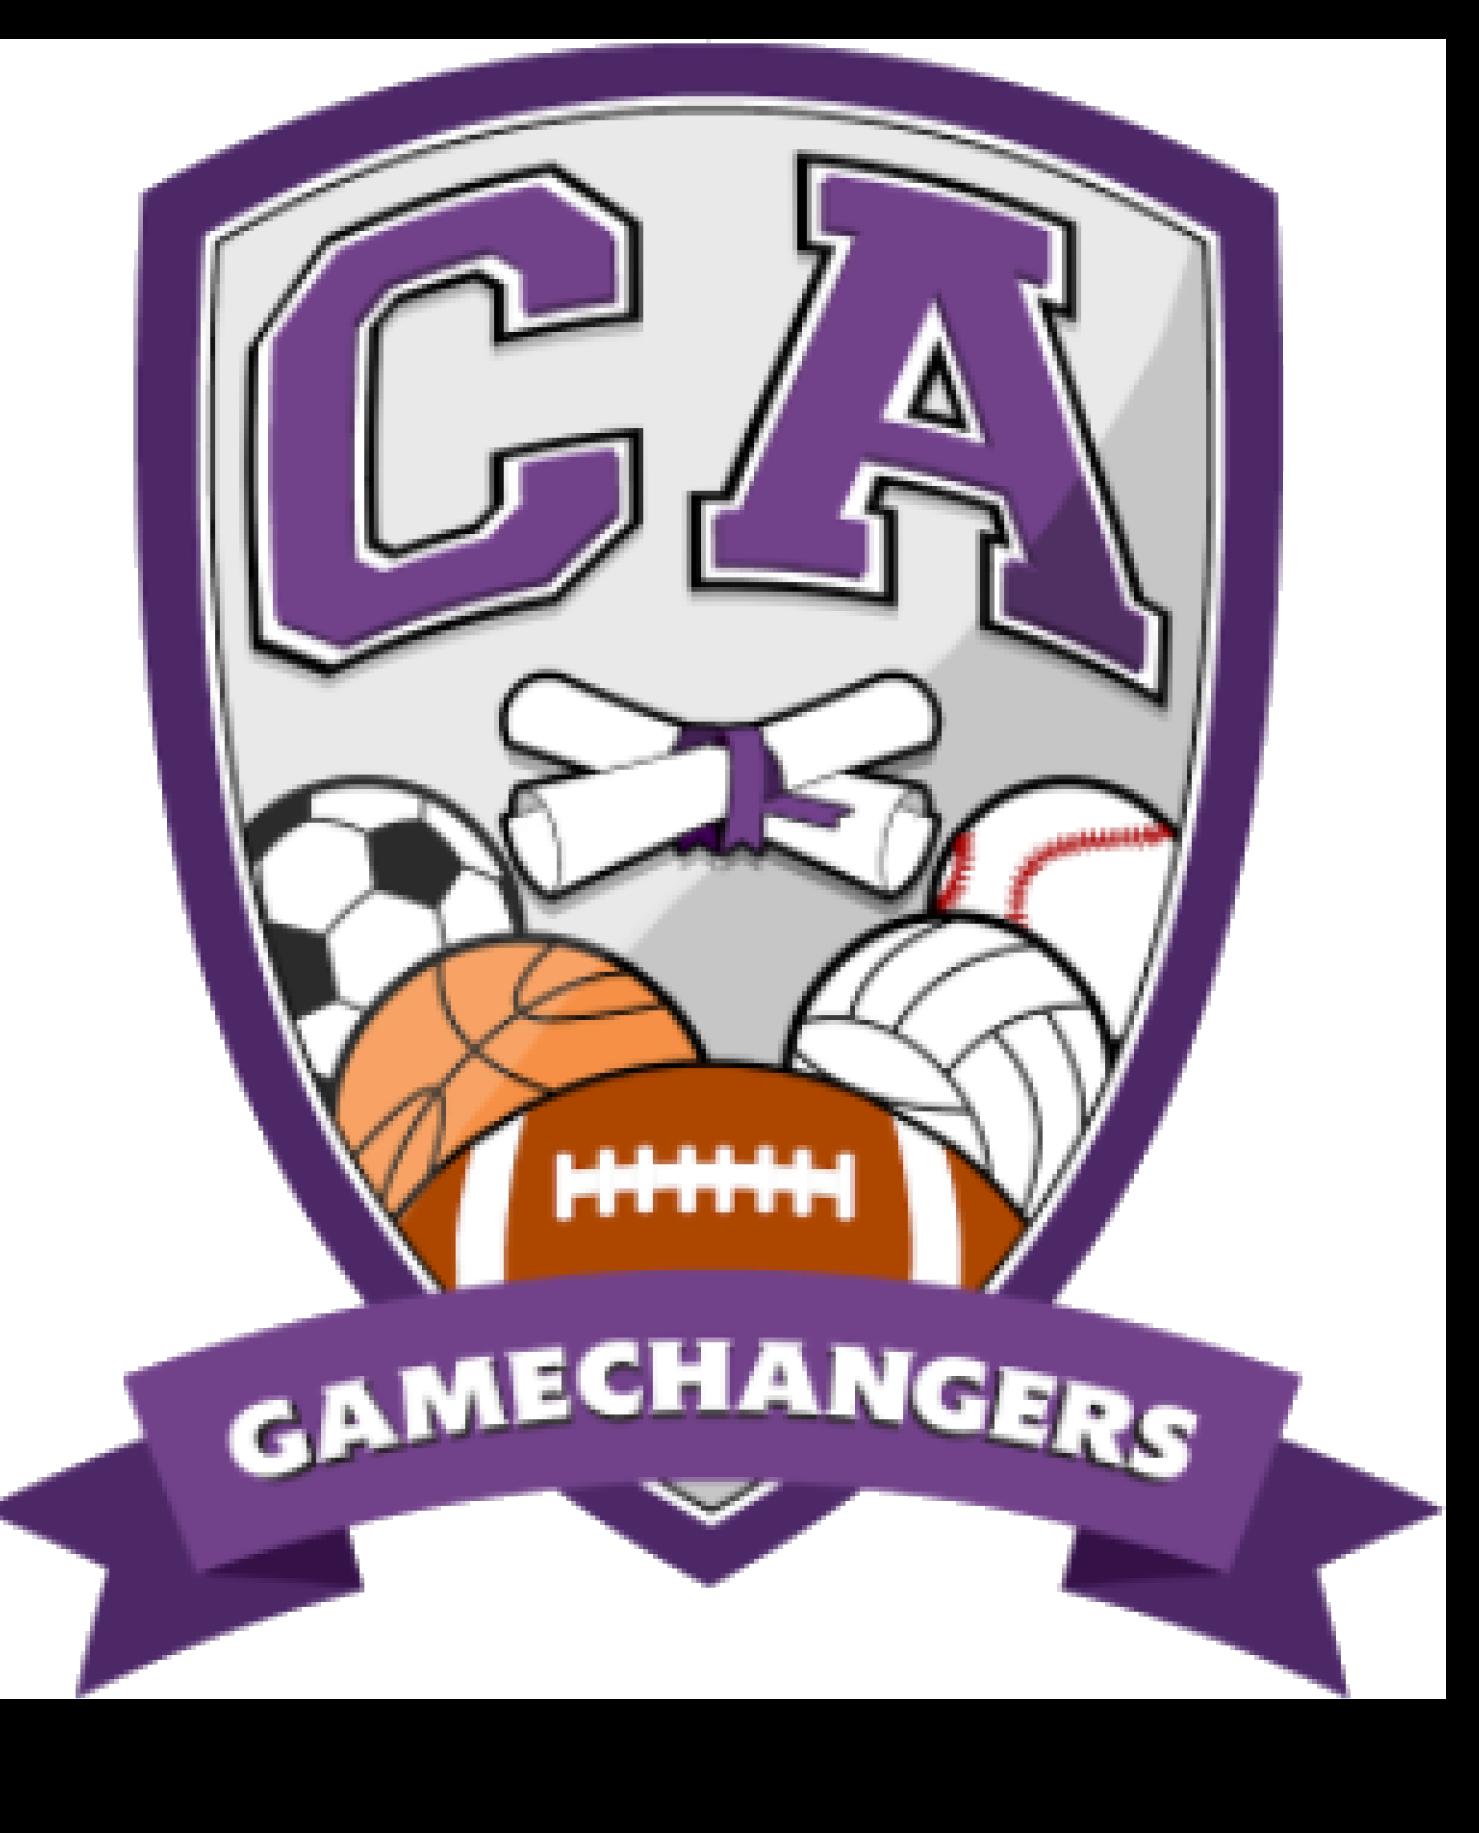 Collegiate Athlete Gamechangers